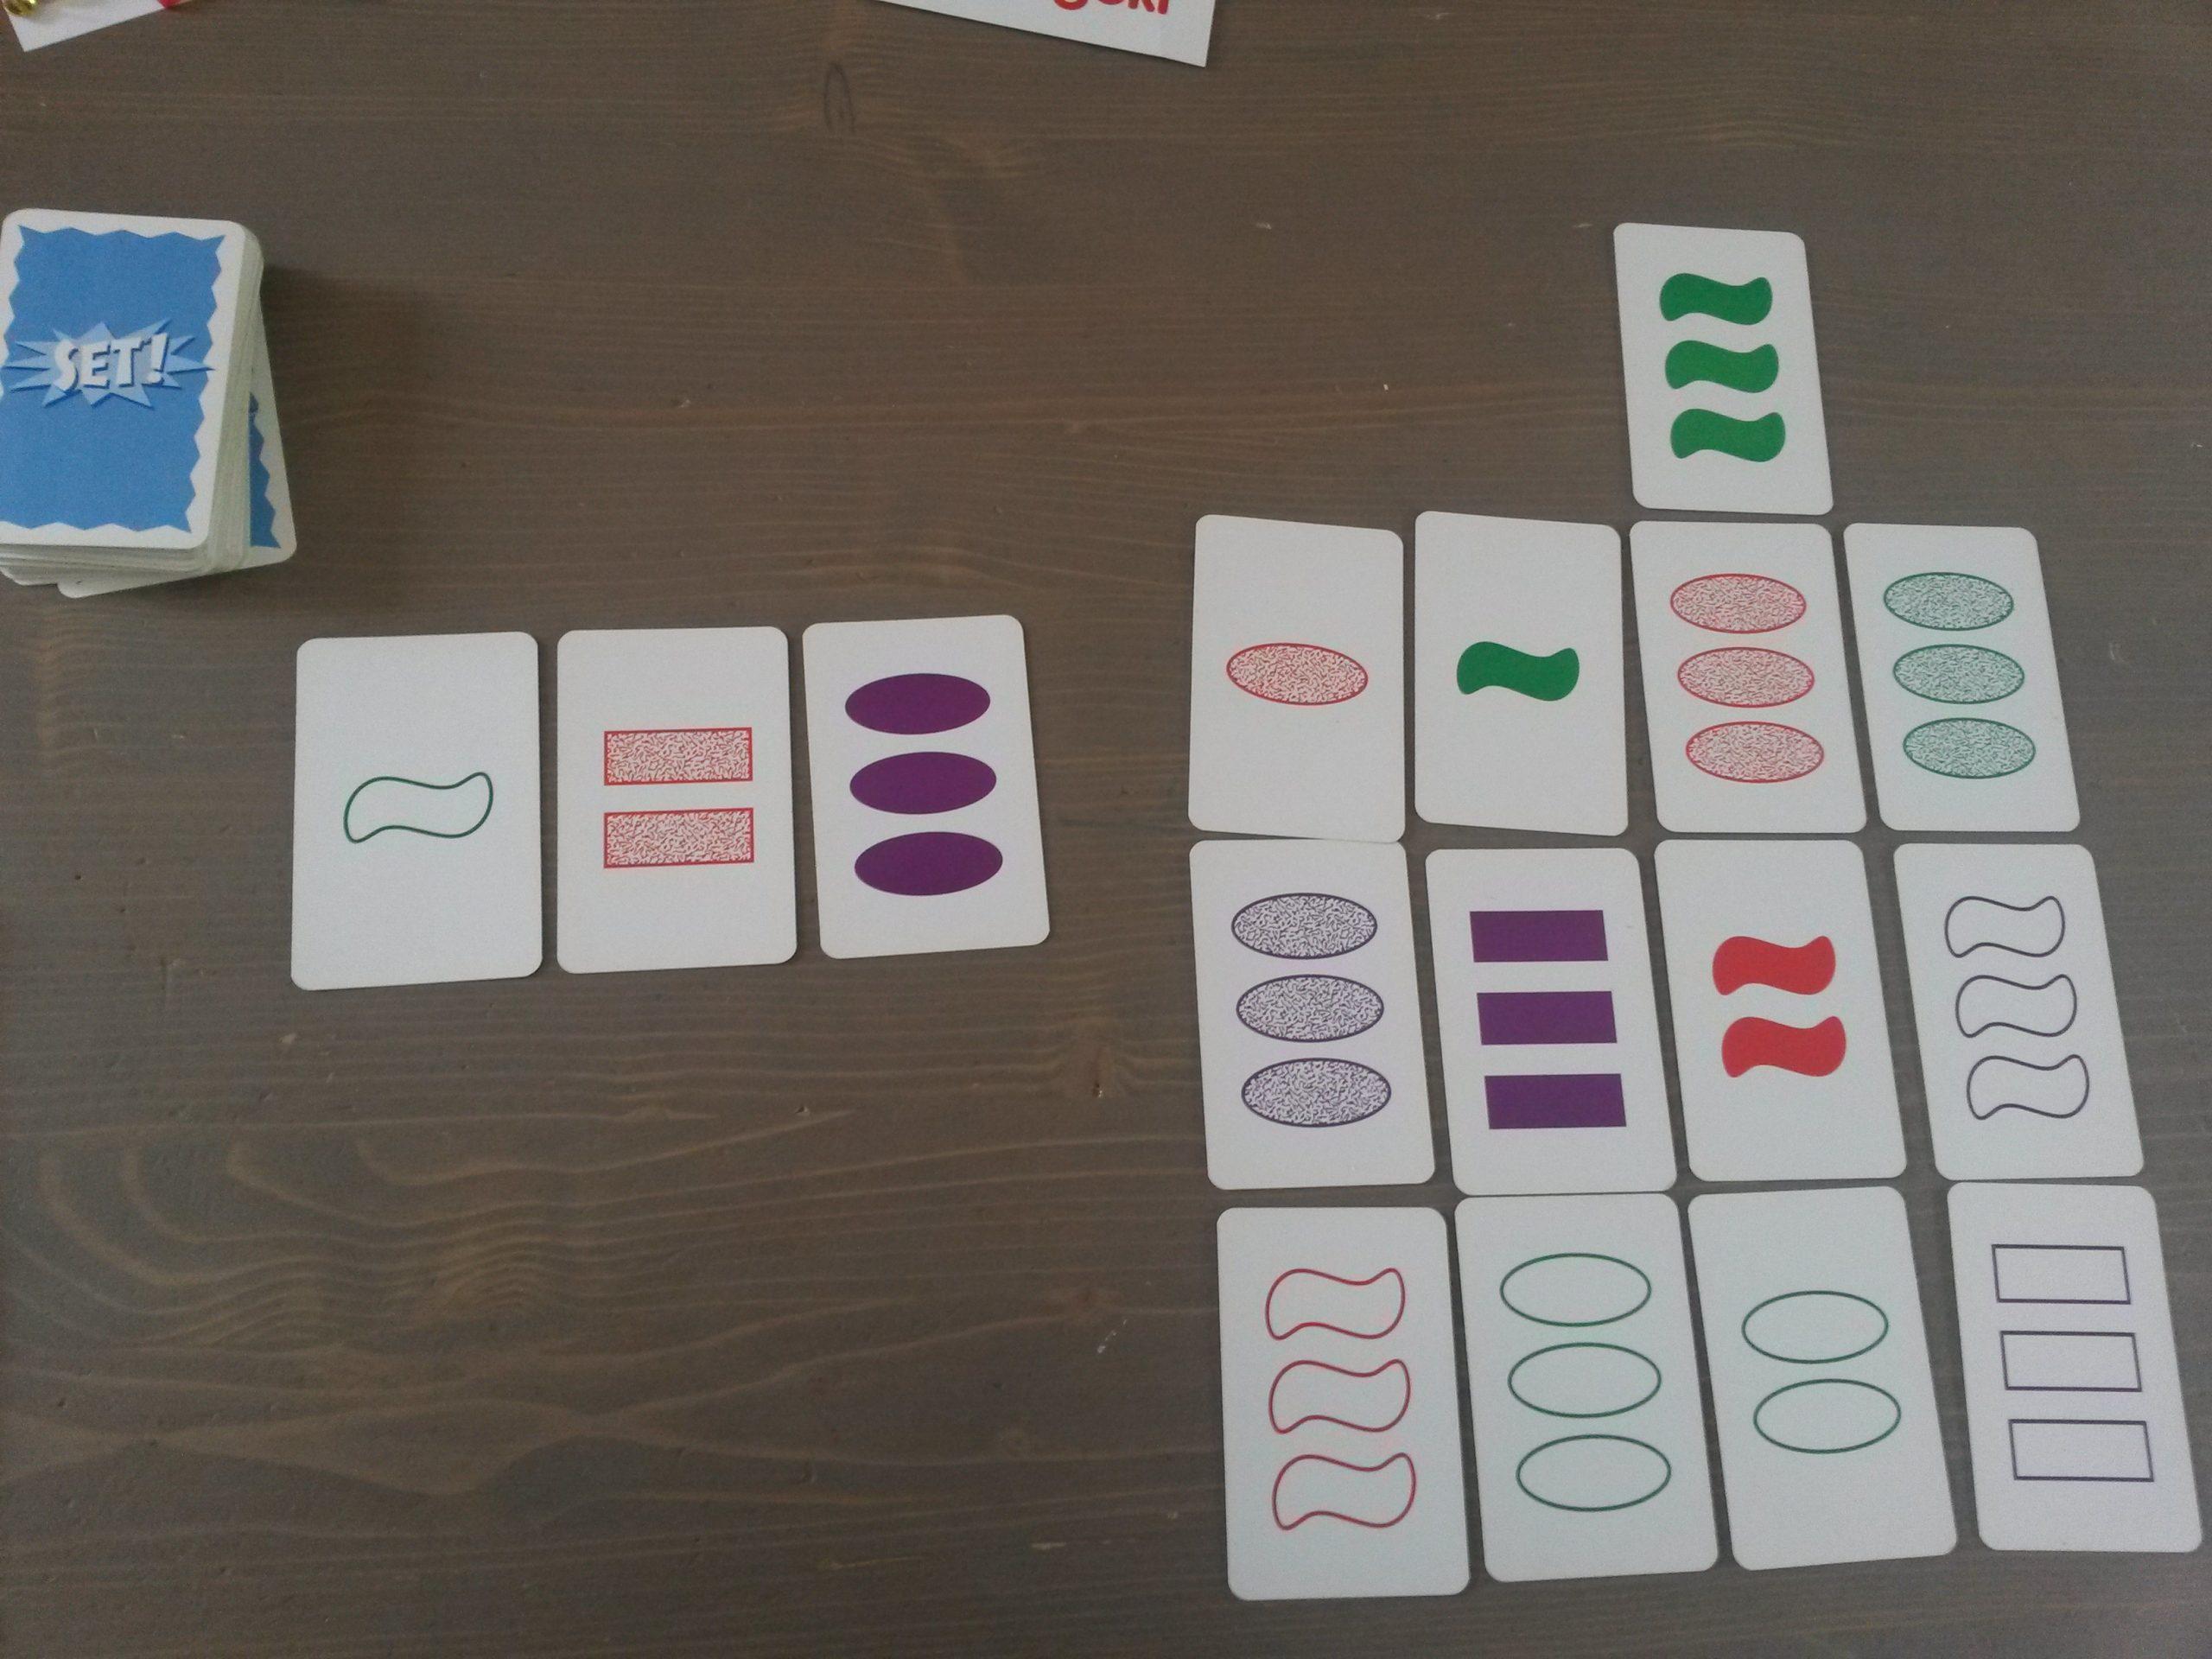 Ma Sélection De 5 Jeux De Logique Pour Les Enfants encequiconcerne Jeux De Reflexion Gratuit Pour Adulte